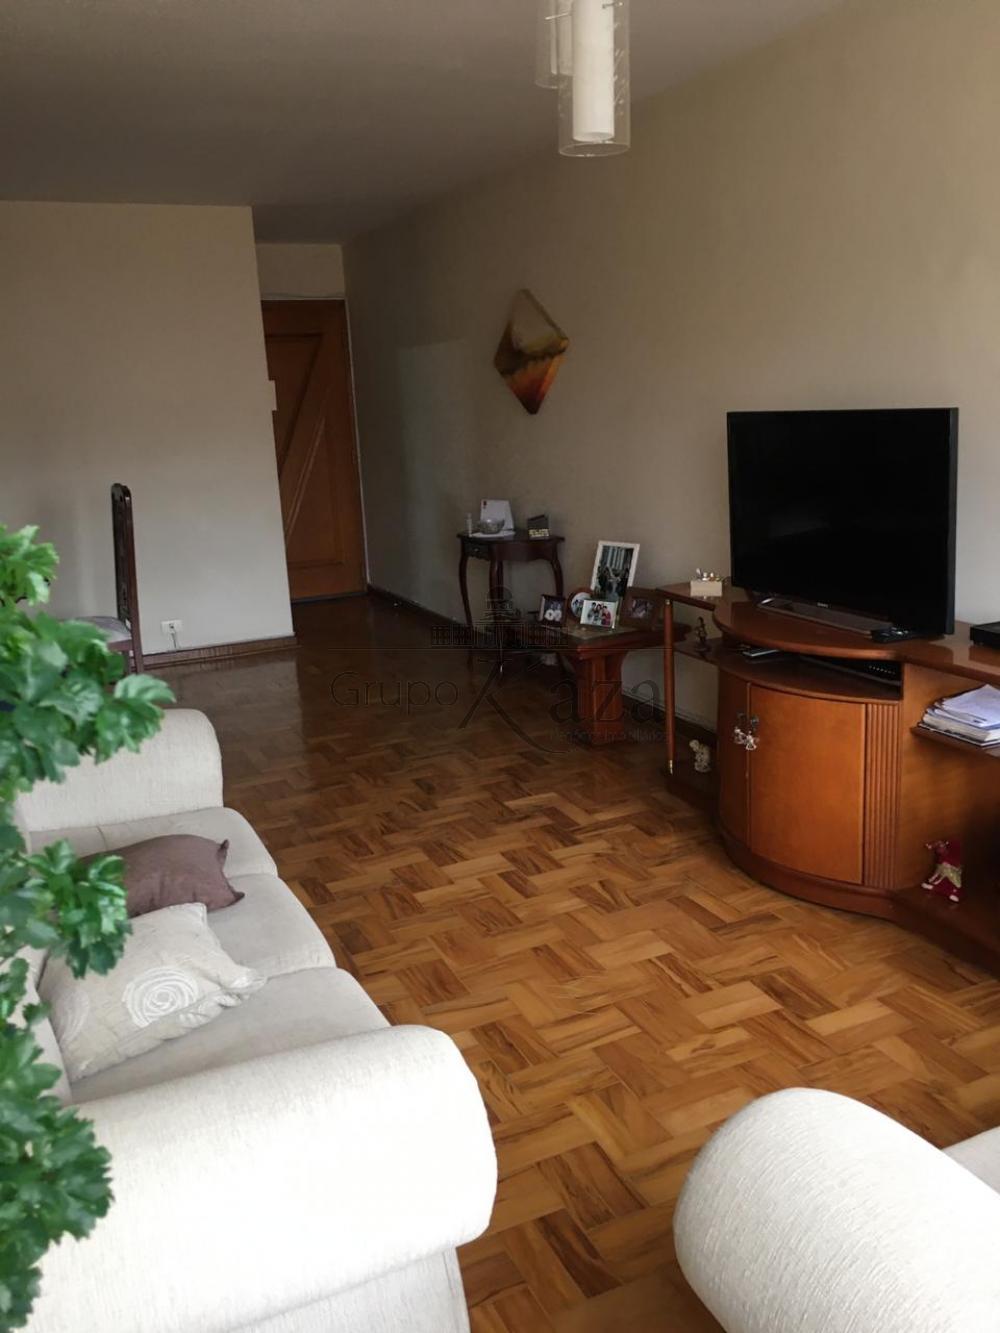 Sao Jose dos Campos Apartamento Venda R$375.000,00 Condominio R$710,00 3 Dormitorios 1 Suite Area construida 145.00m2